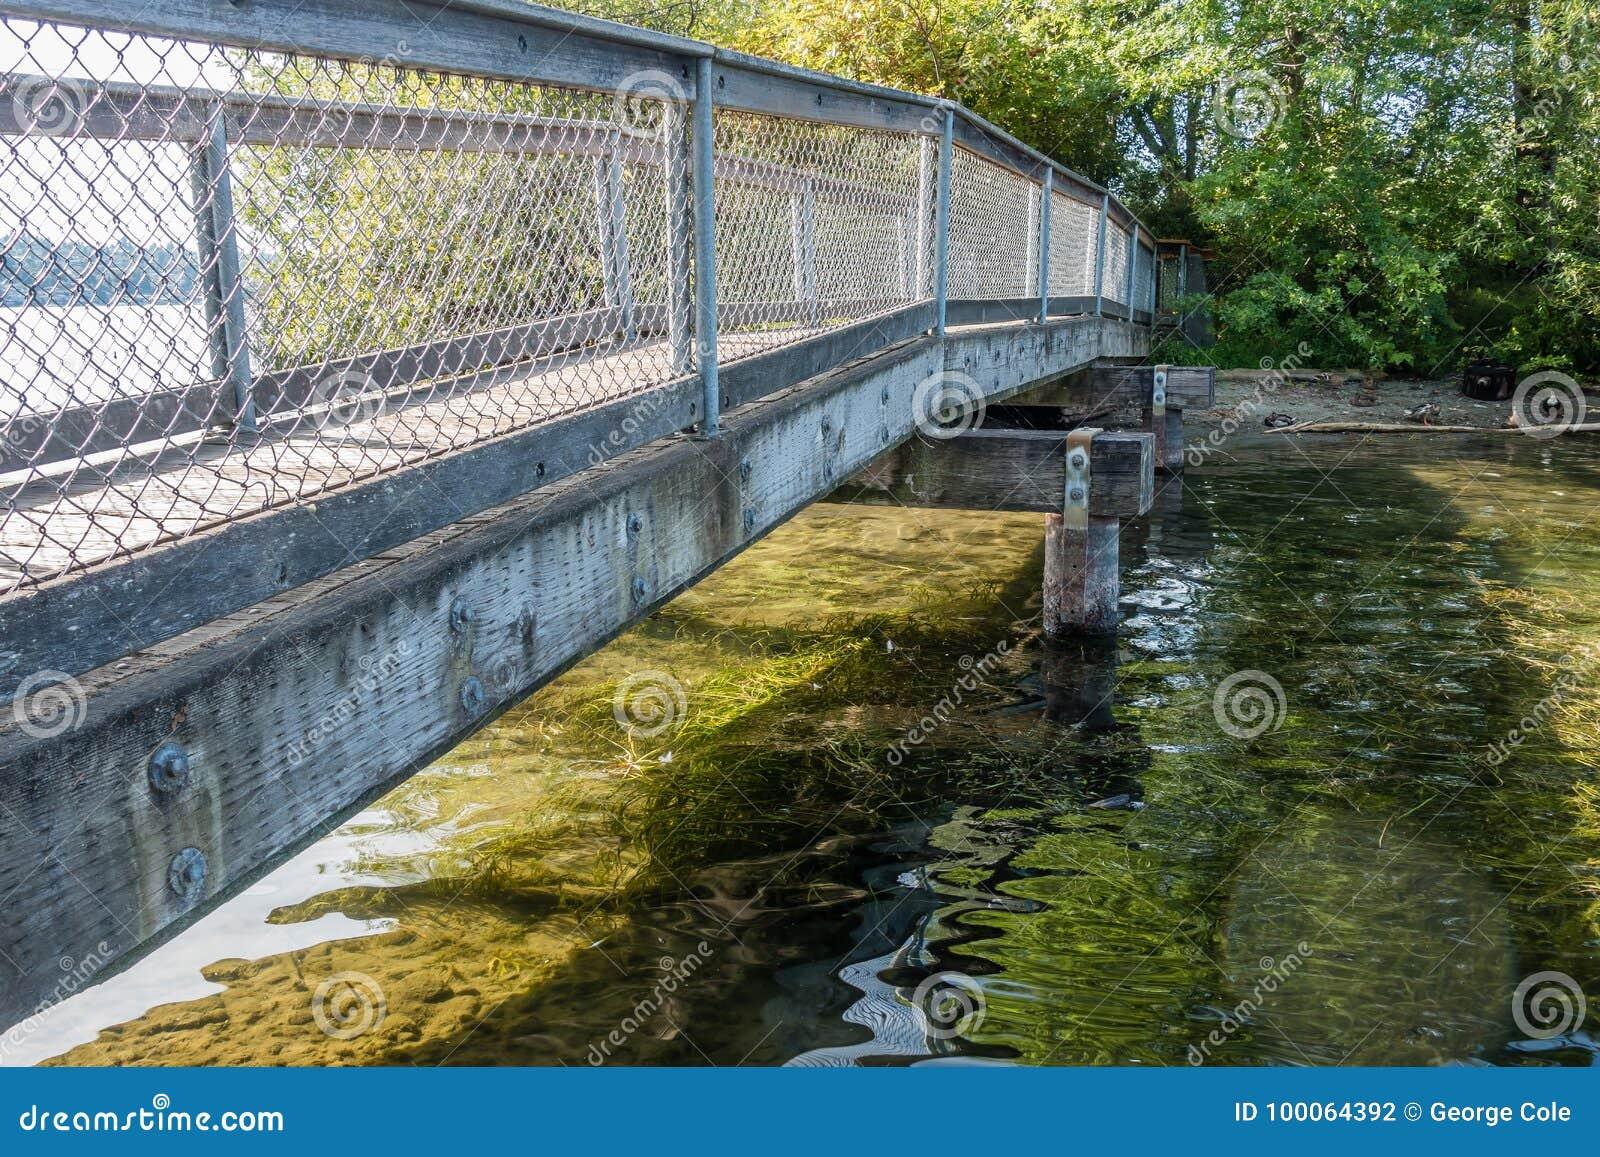 Gene Coulon Park Bridge 2